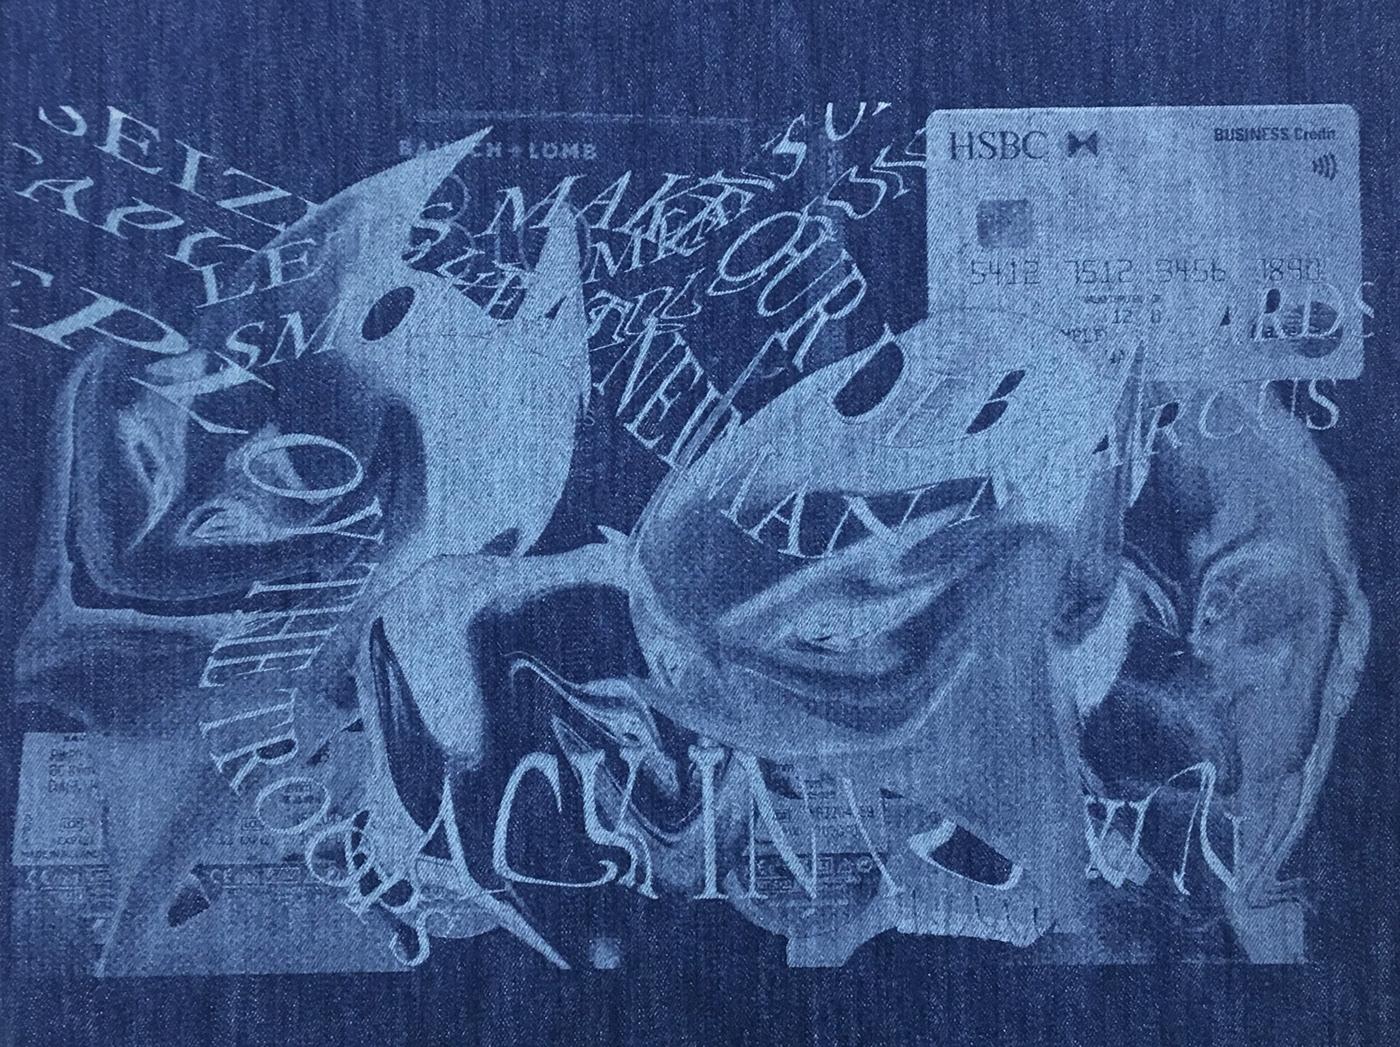 Image may contain: drawing, graffiti and sketch